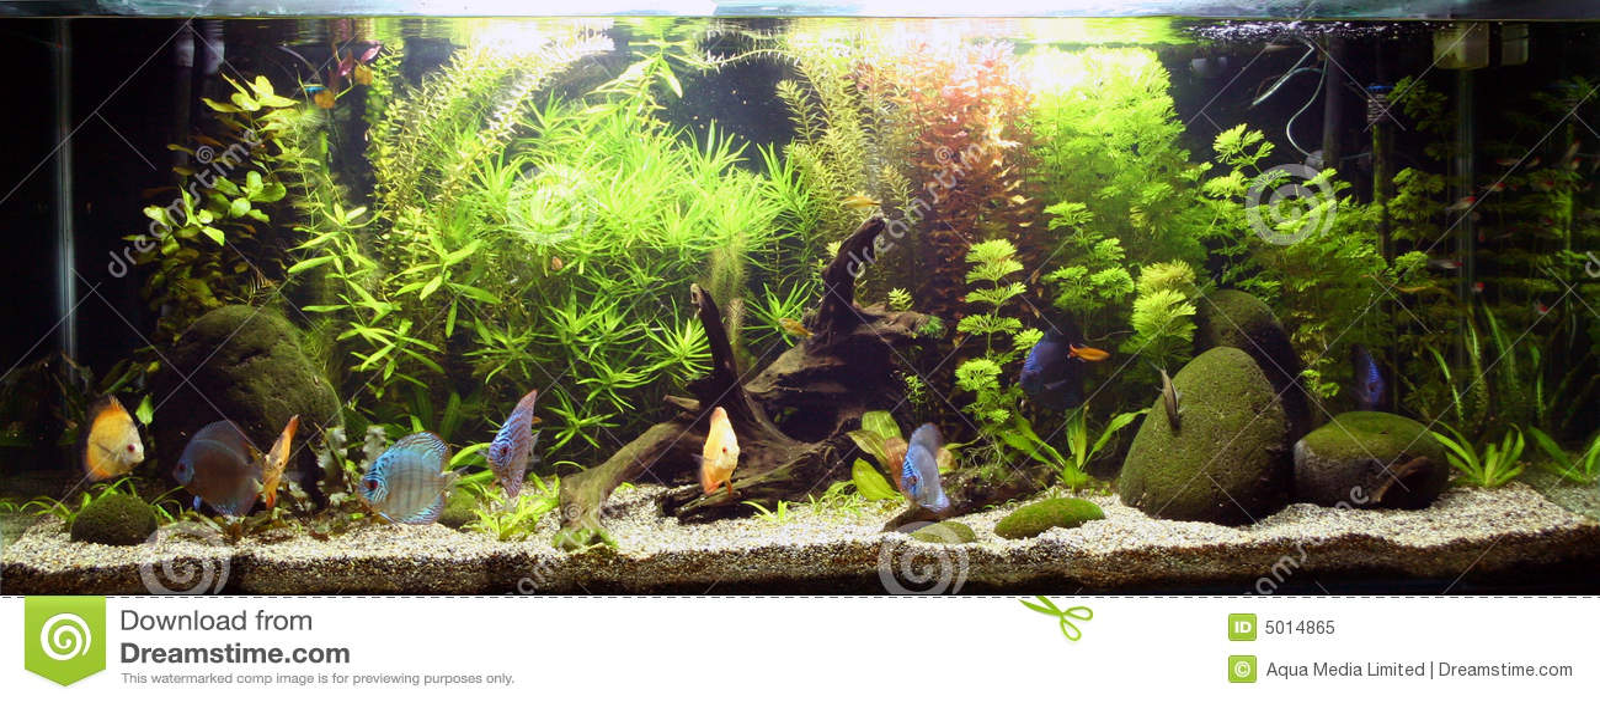 acquario d 39 acqua dolce tropicale immagine stock immagine